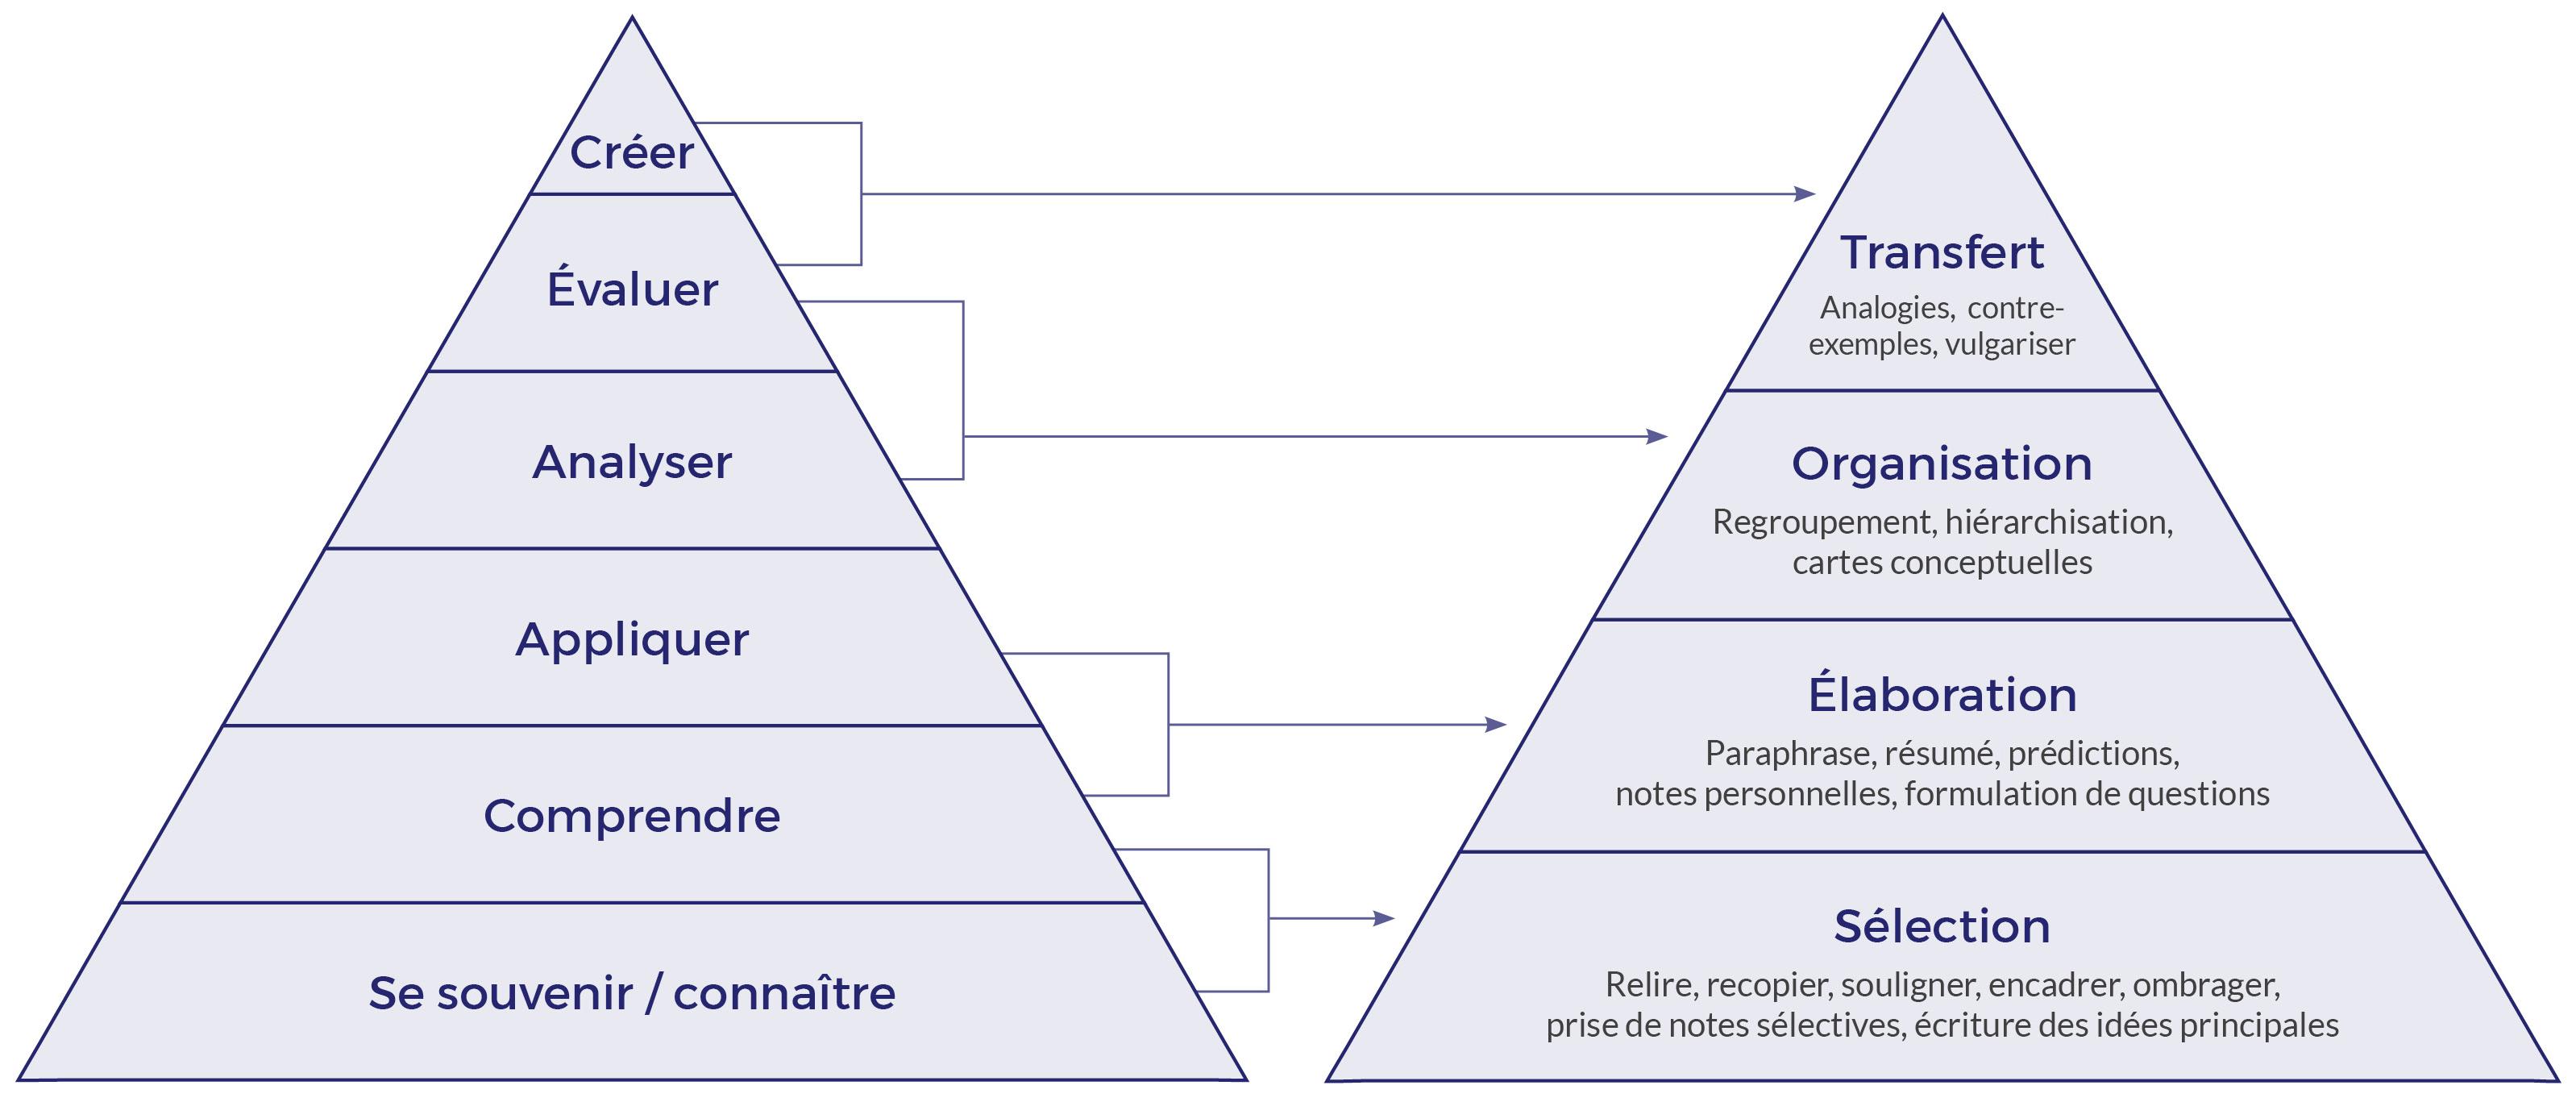 Équivalences entre la taxonomie de Bloom et la catégorisation des stratégies du traitement de l'information